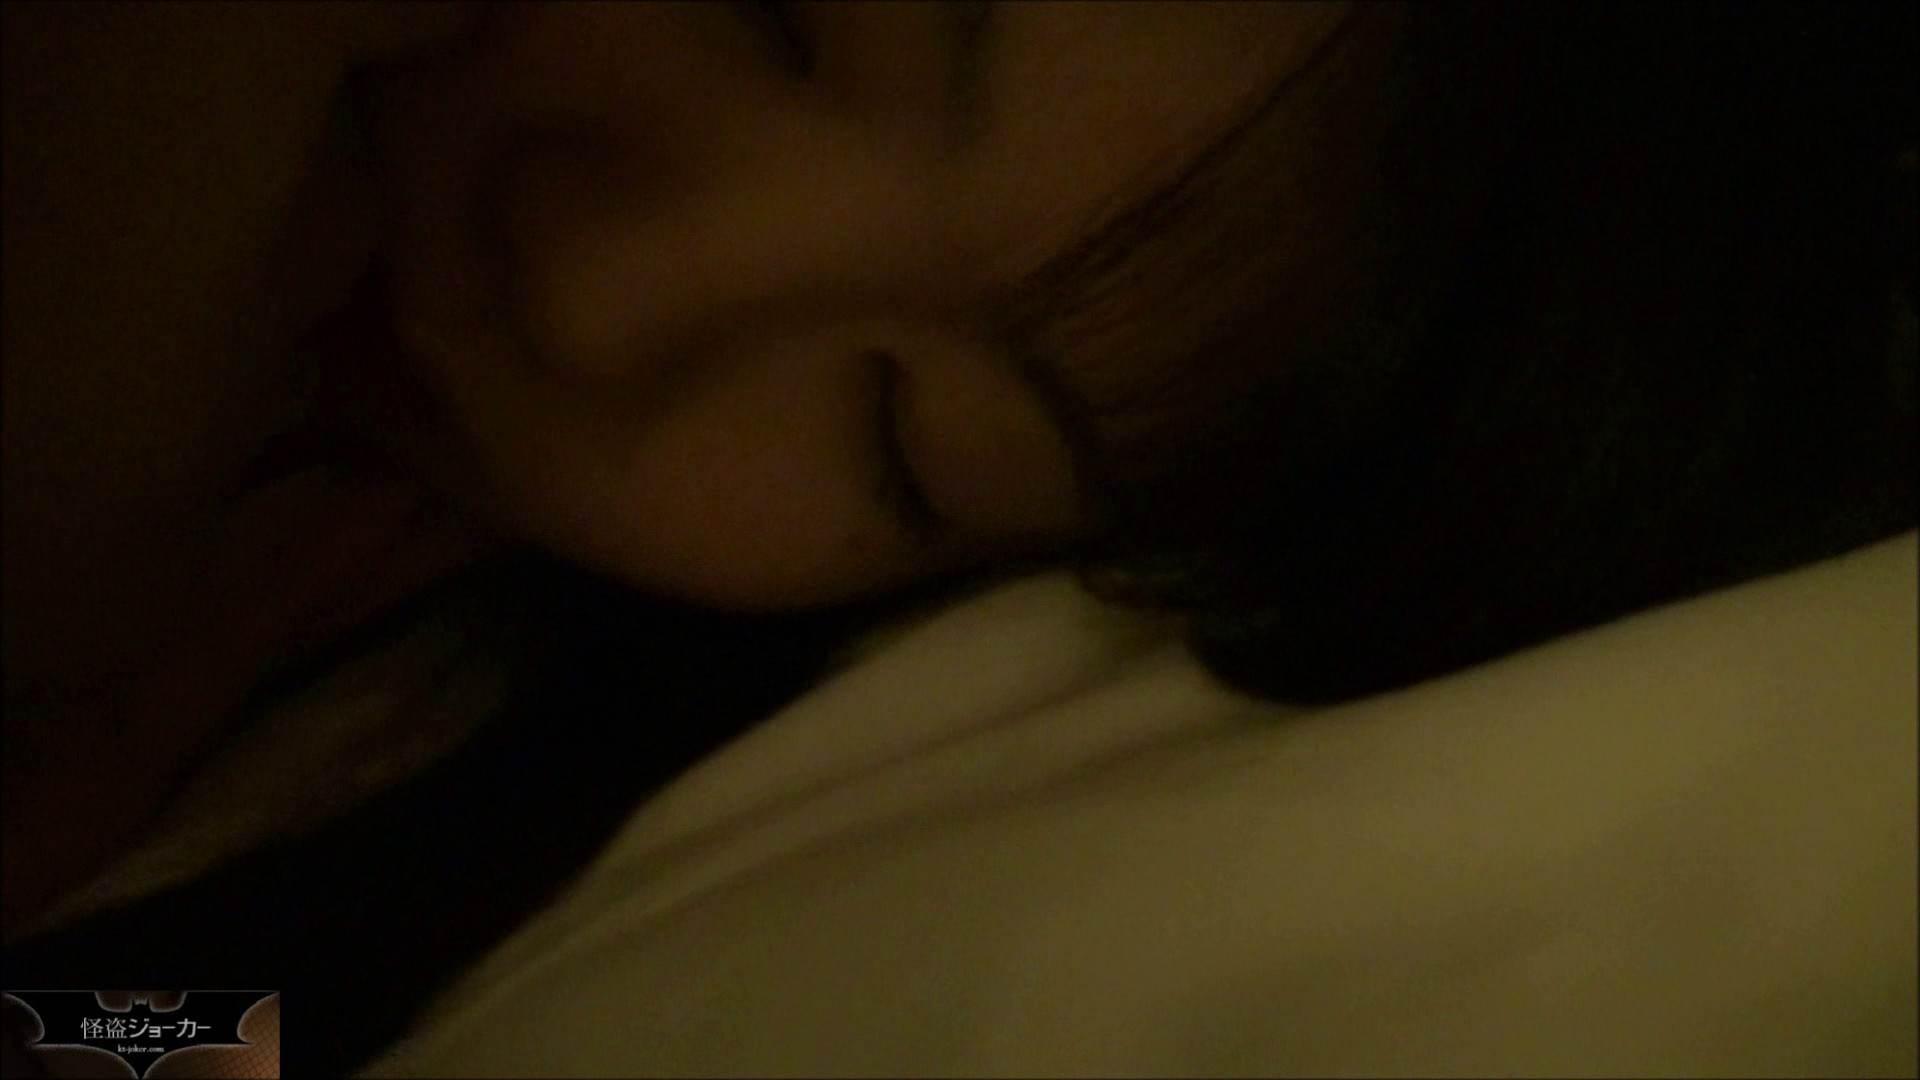 【未公開】vol.78 {関東某有名お嬢様JD}yuunaちゃん② 丸見えマンコ   フェラ  111画像 63